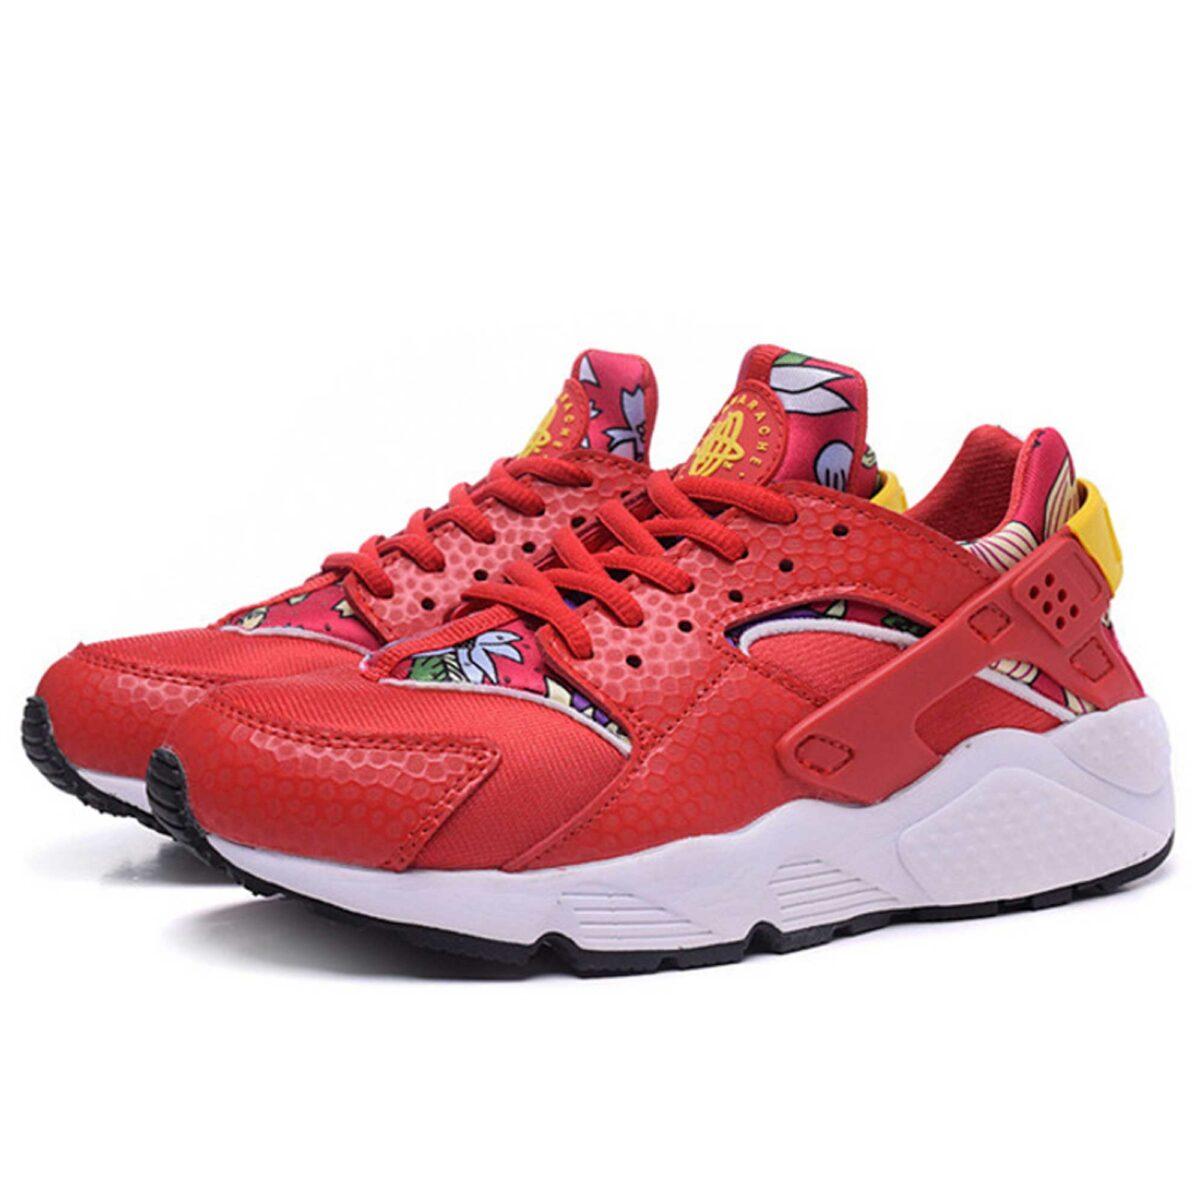 Интернет магазин купить оригинальные Nike Air Huarache University Red